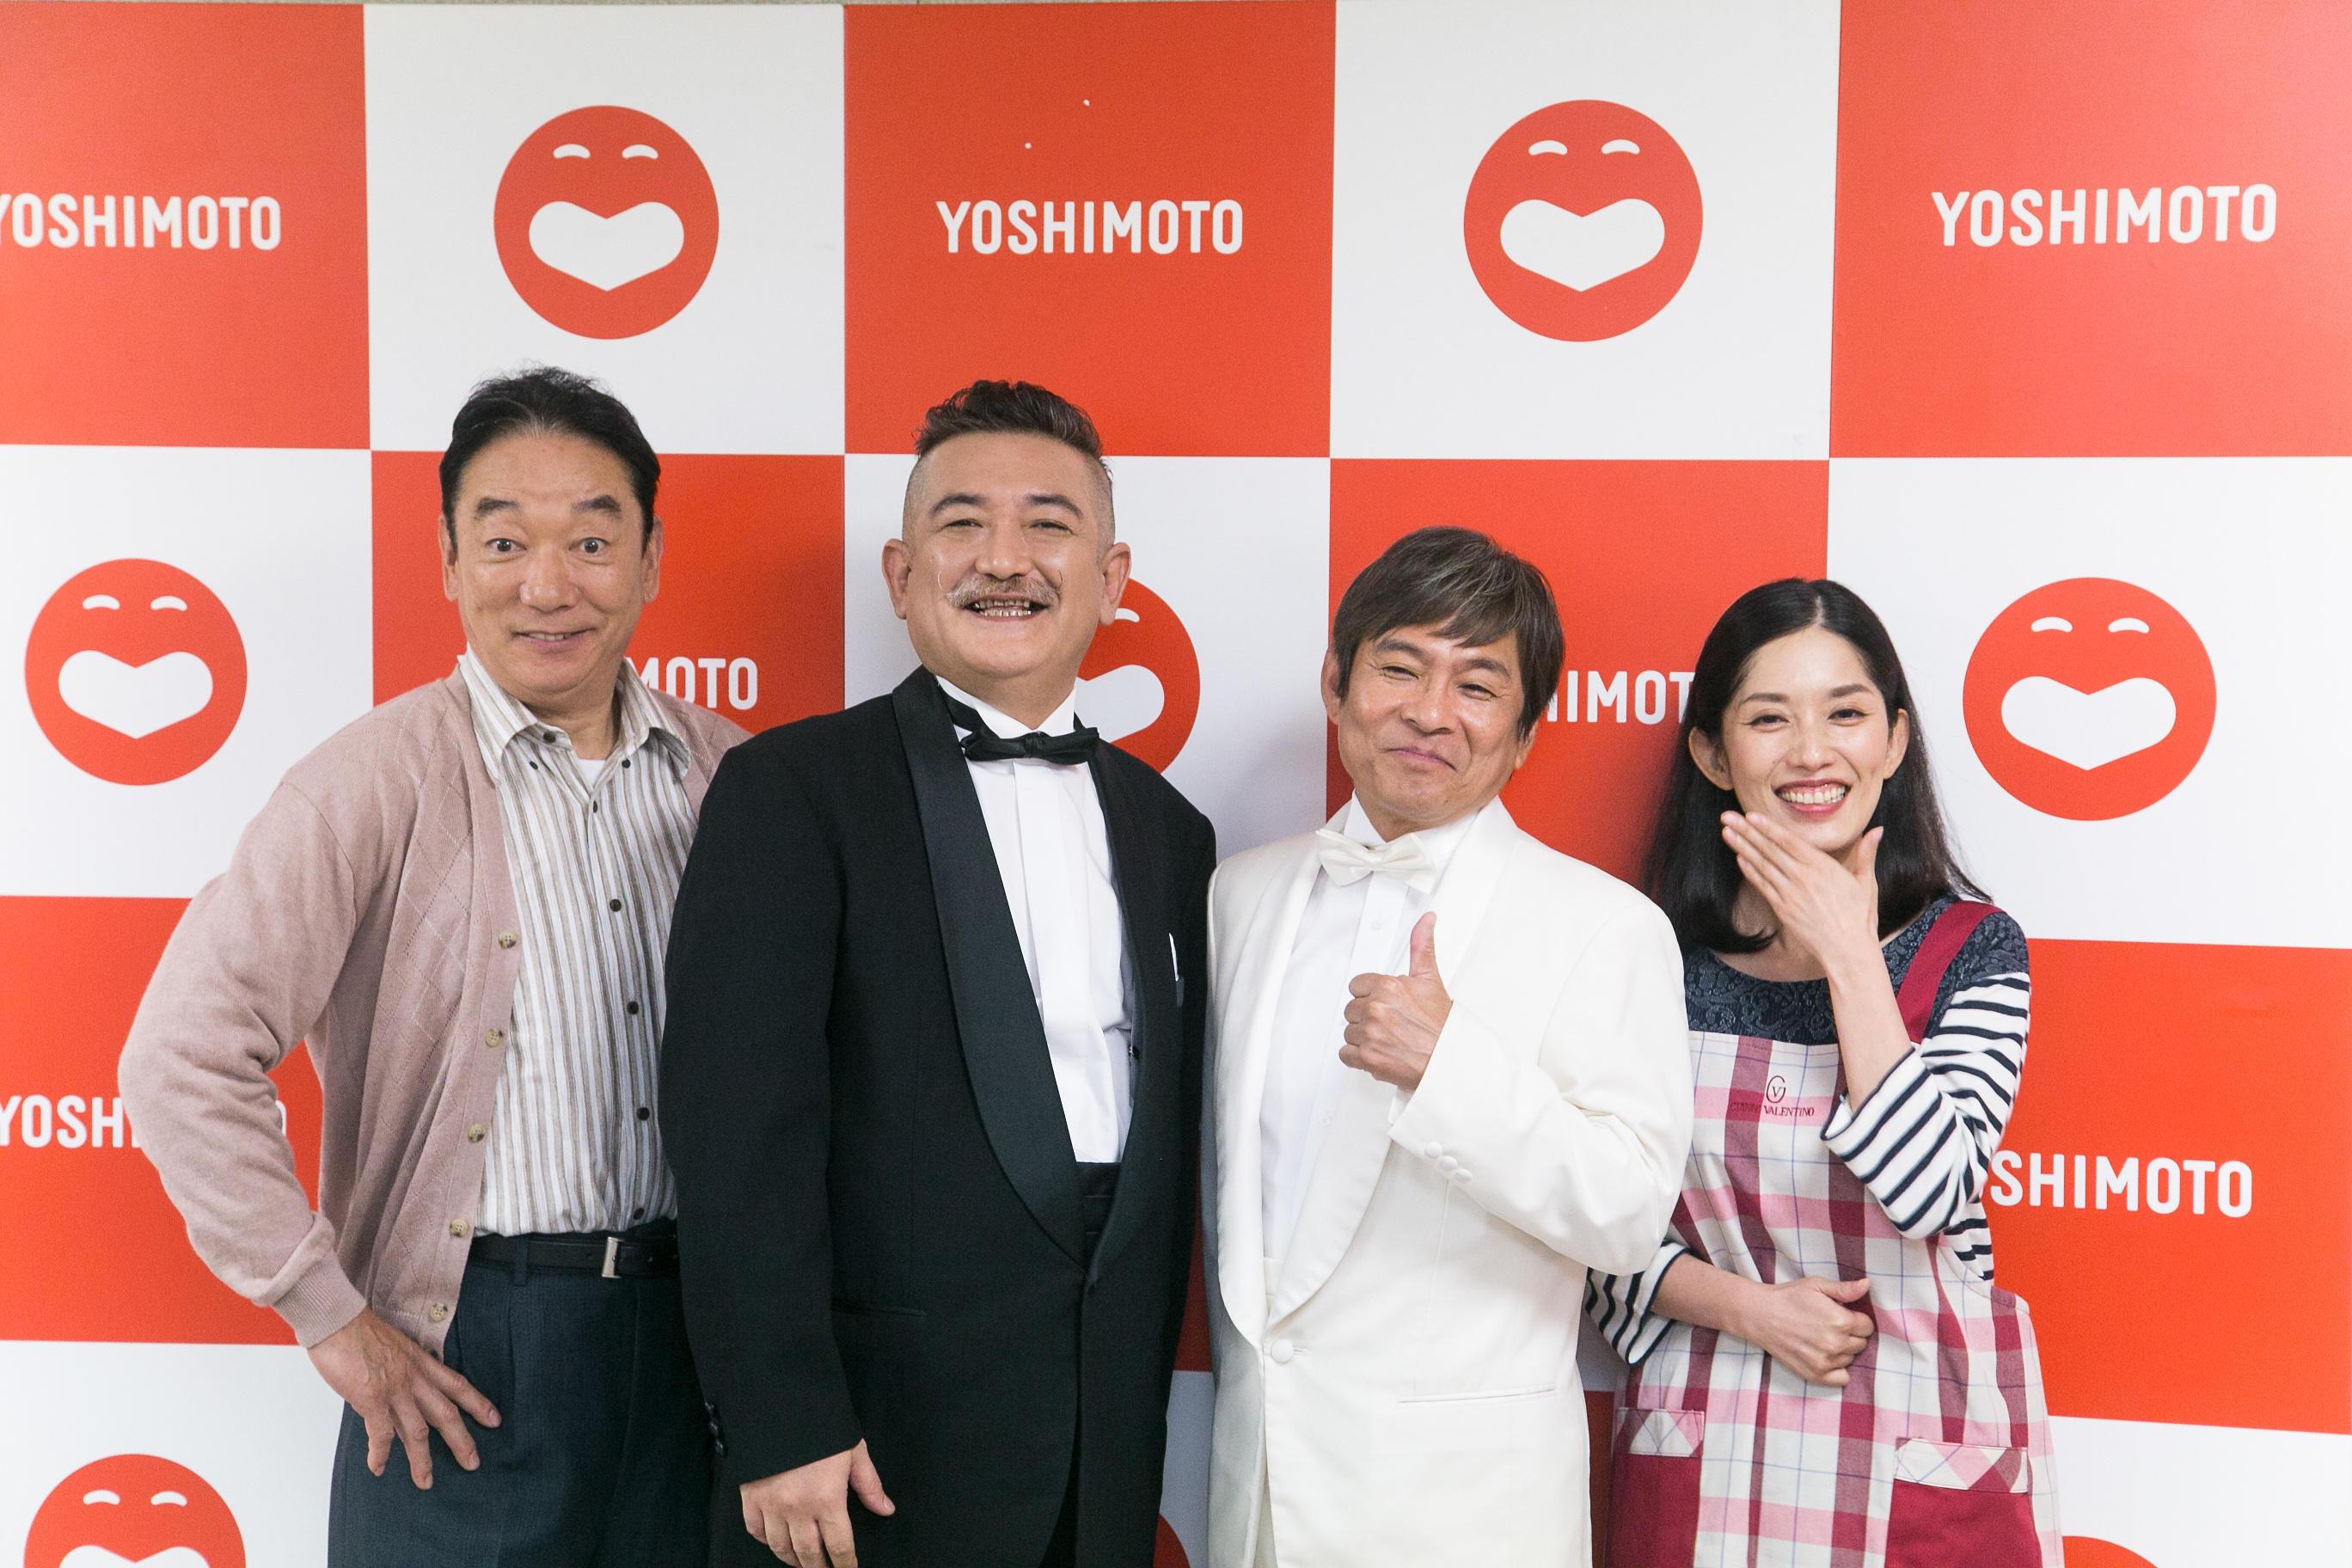 http://news.yoshimoto.co.jp/20180914170349-7177571d0dd6963ee1eca026a8d6ee85e28335fb.jpg